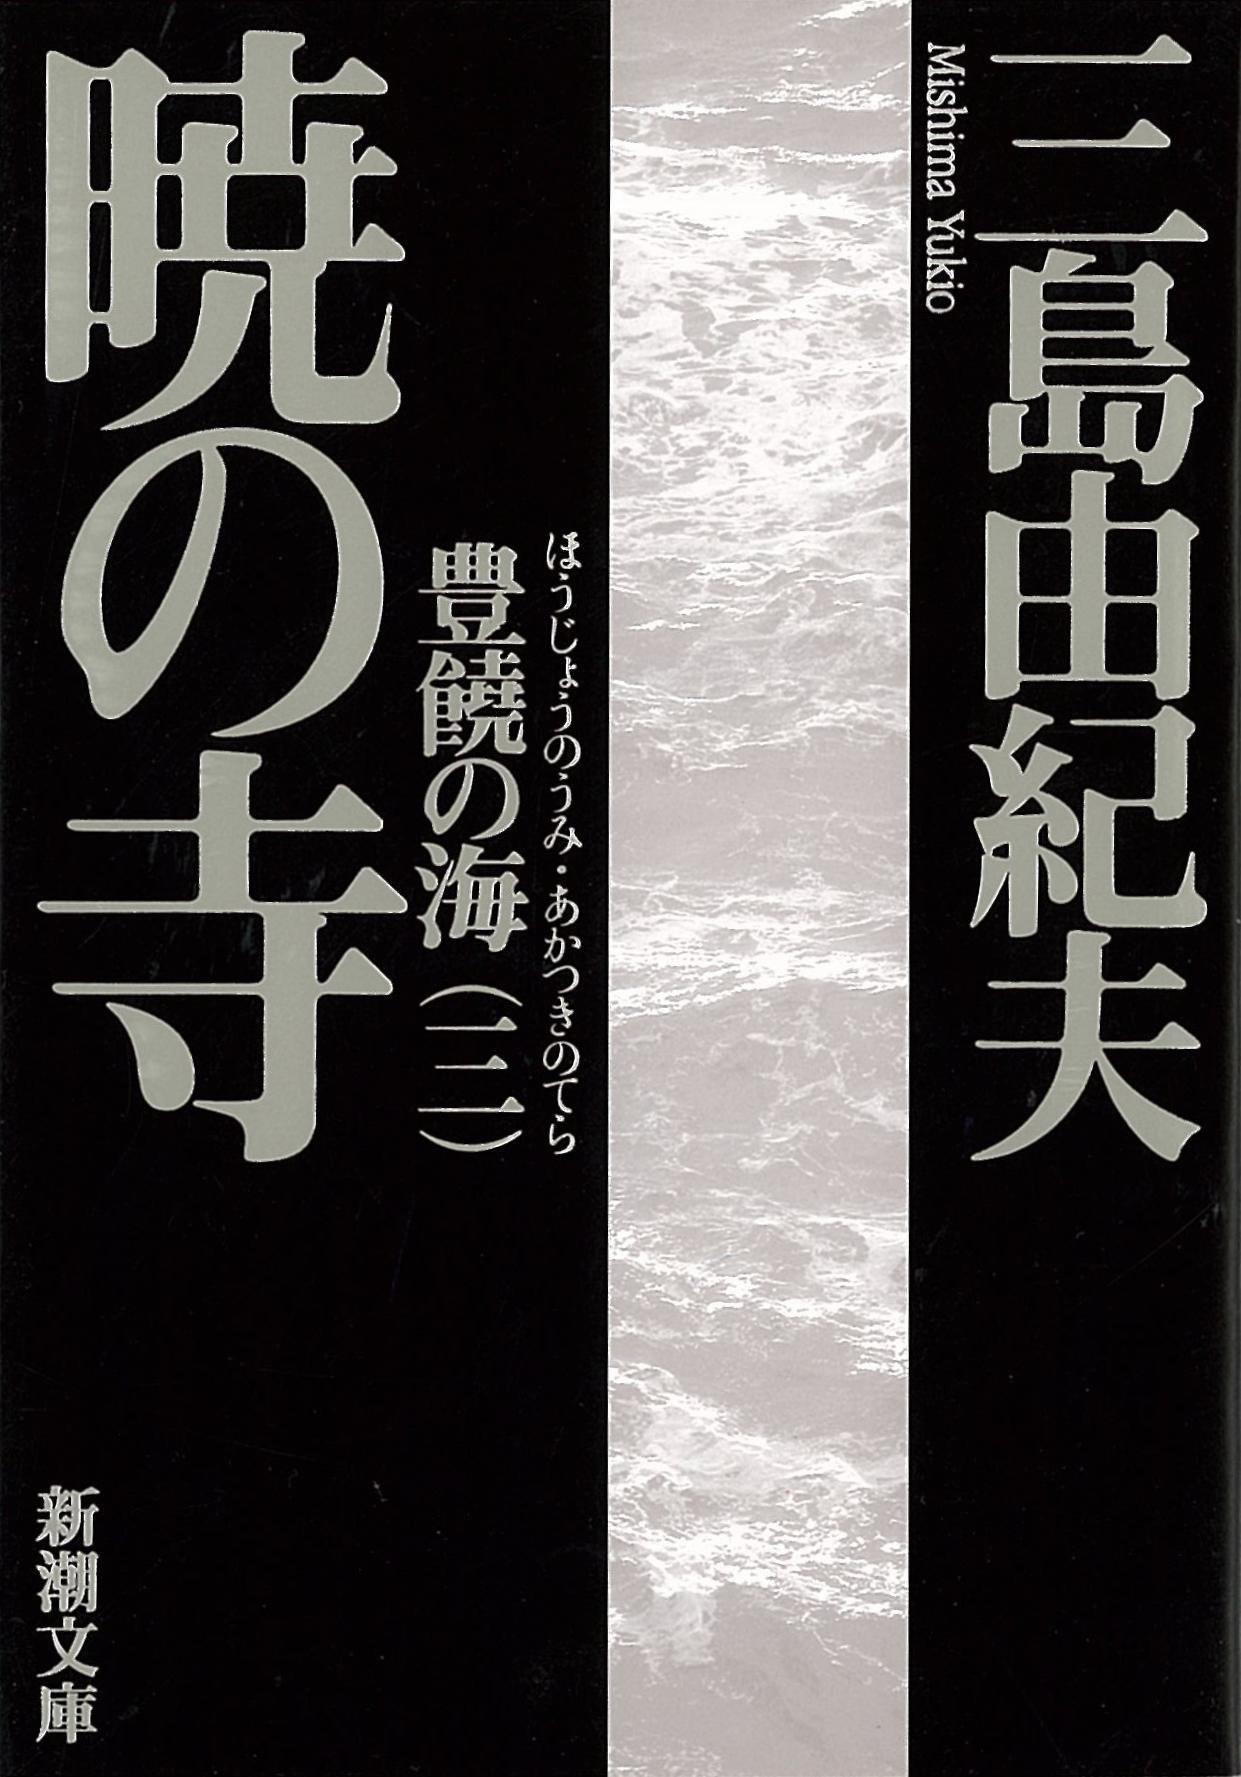 『暁の寺 豊饒の海(第三部)』 三島由紀夫-小説